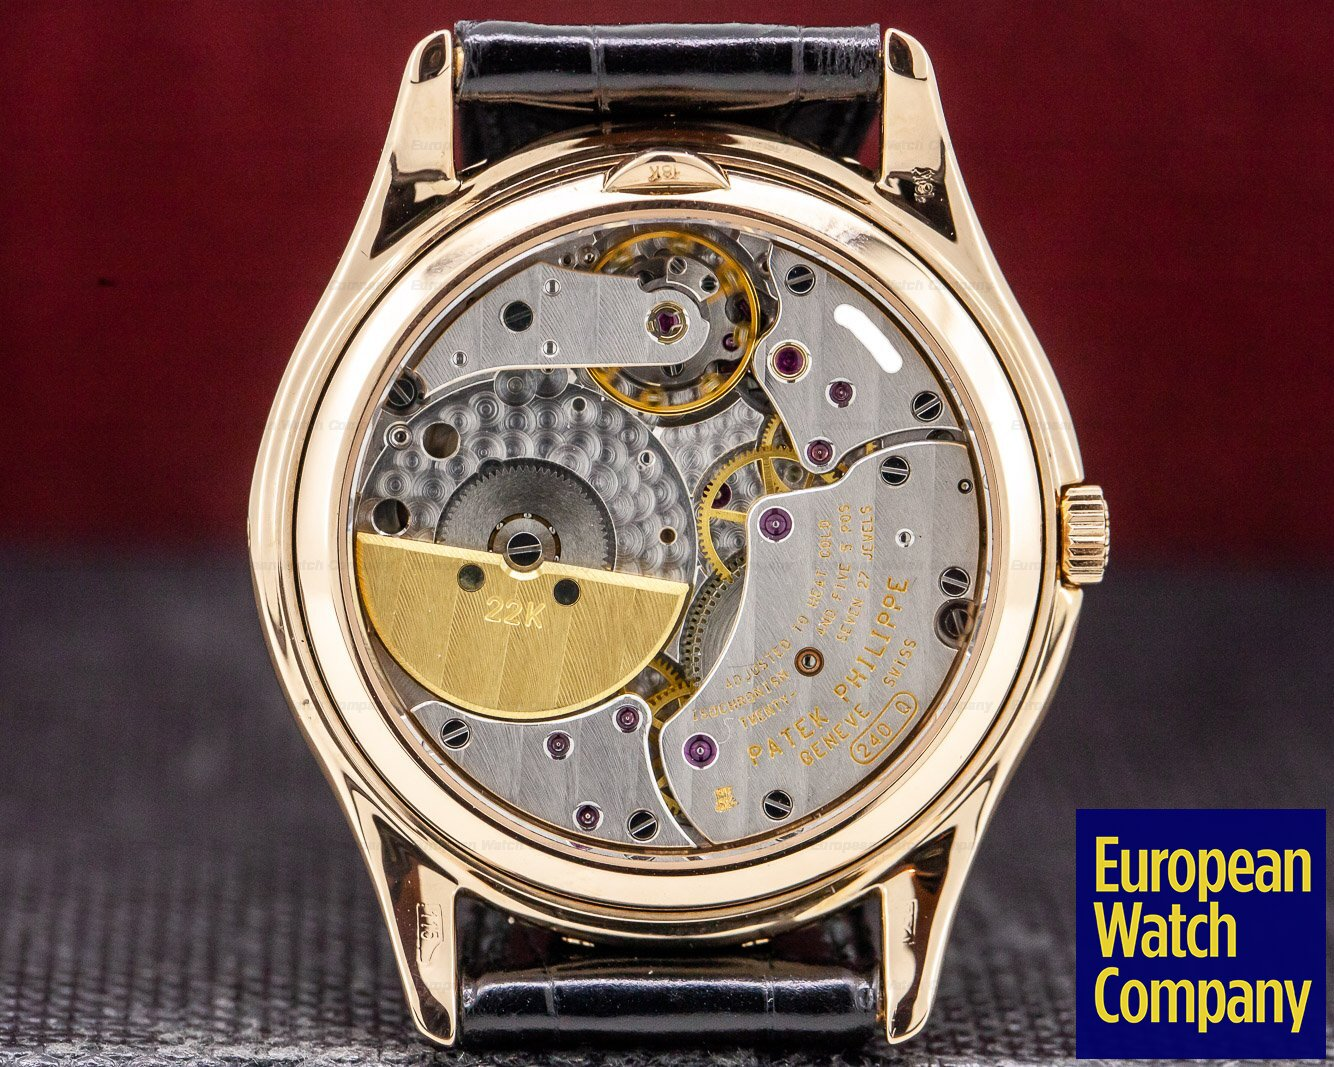 Patek Philippe 3941 R Perpetual Calendar 18K Rose Gold Display Back VERY RARE!